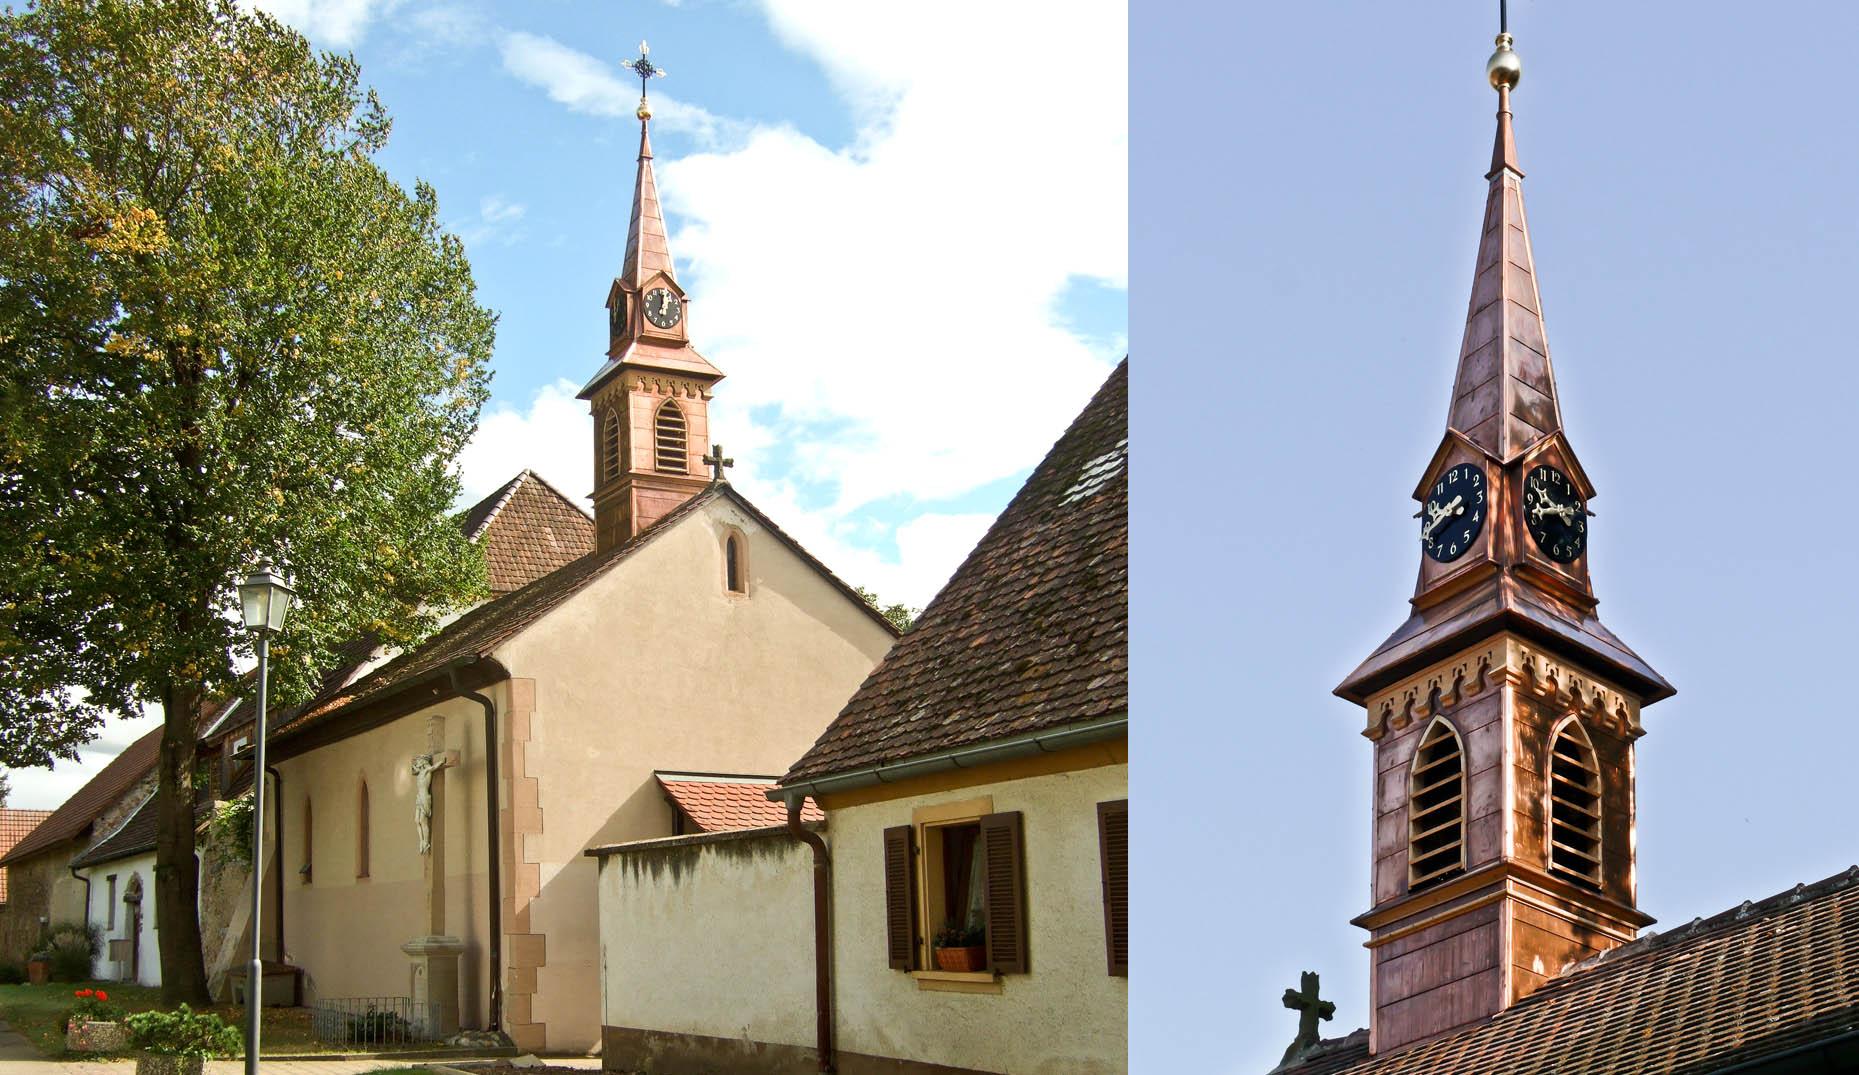 Der sanierte Kirchturm in Grezhausen